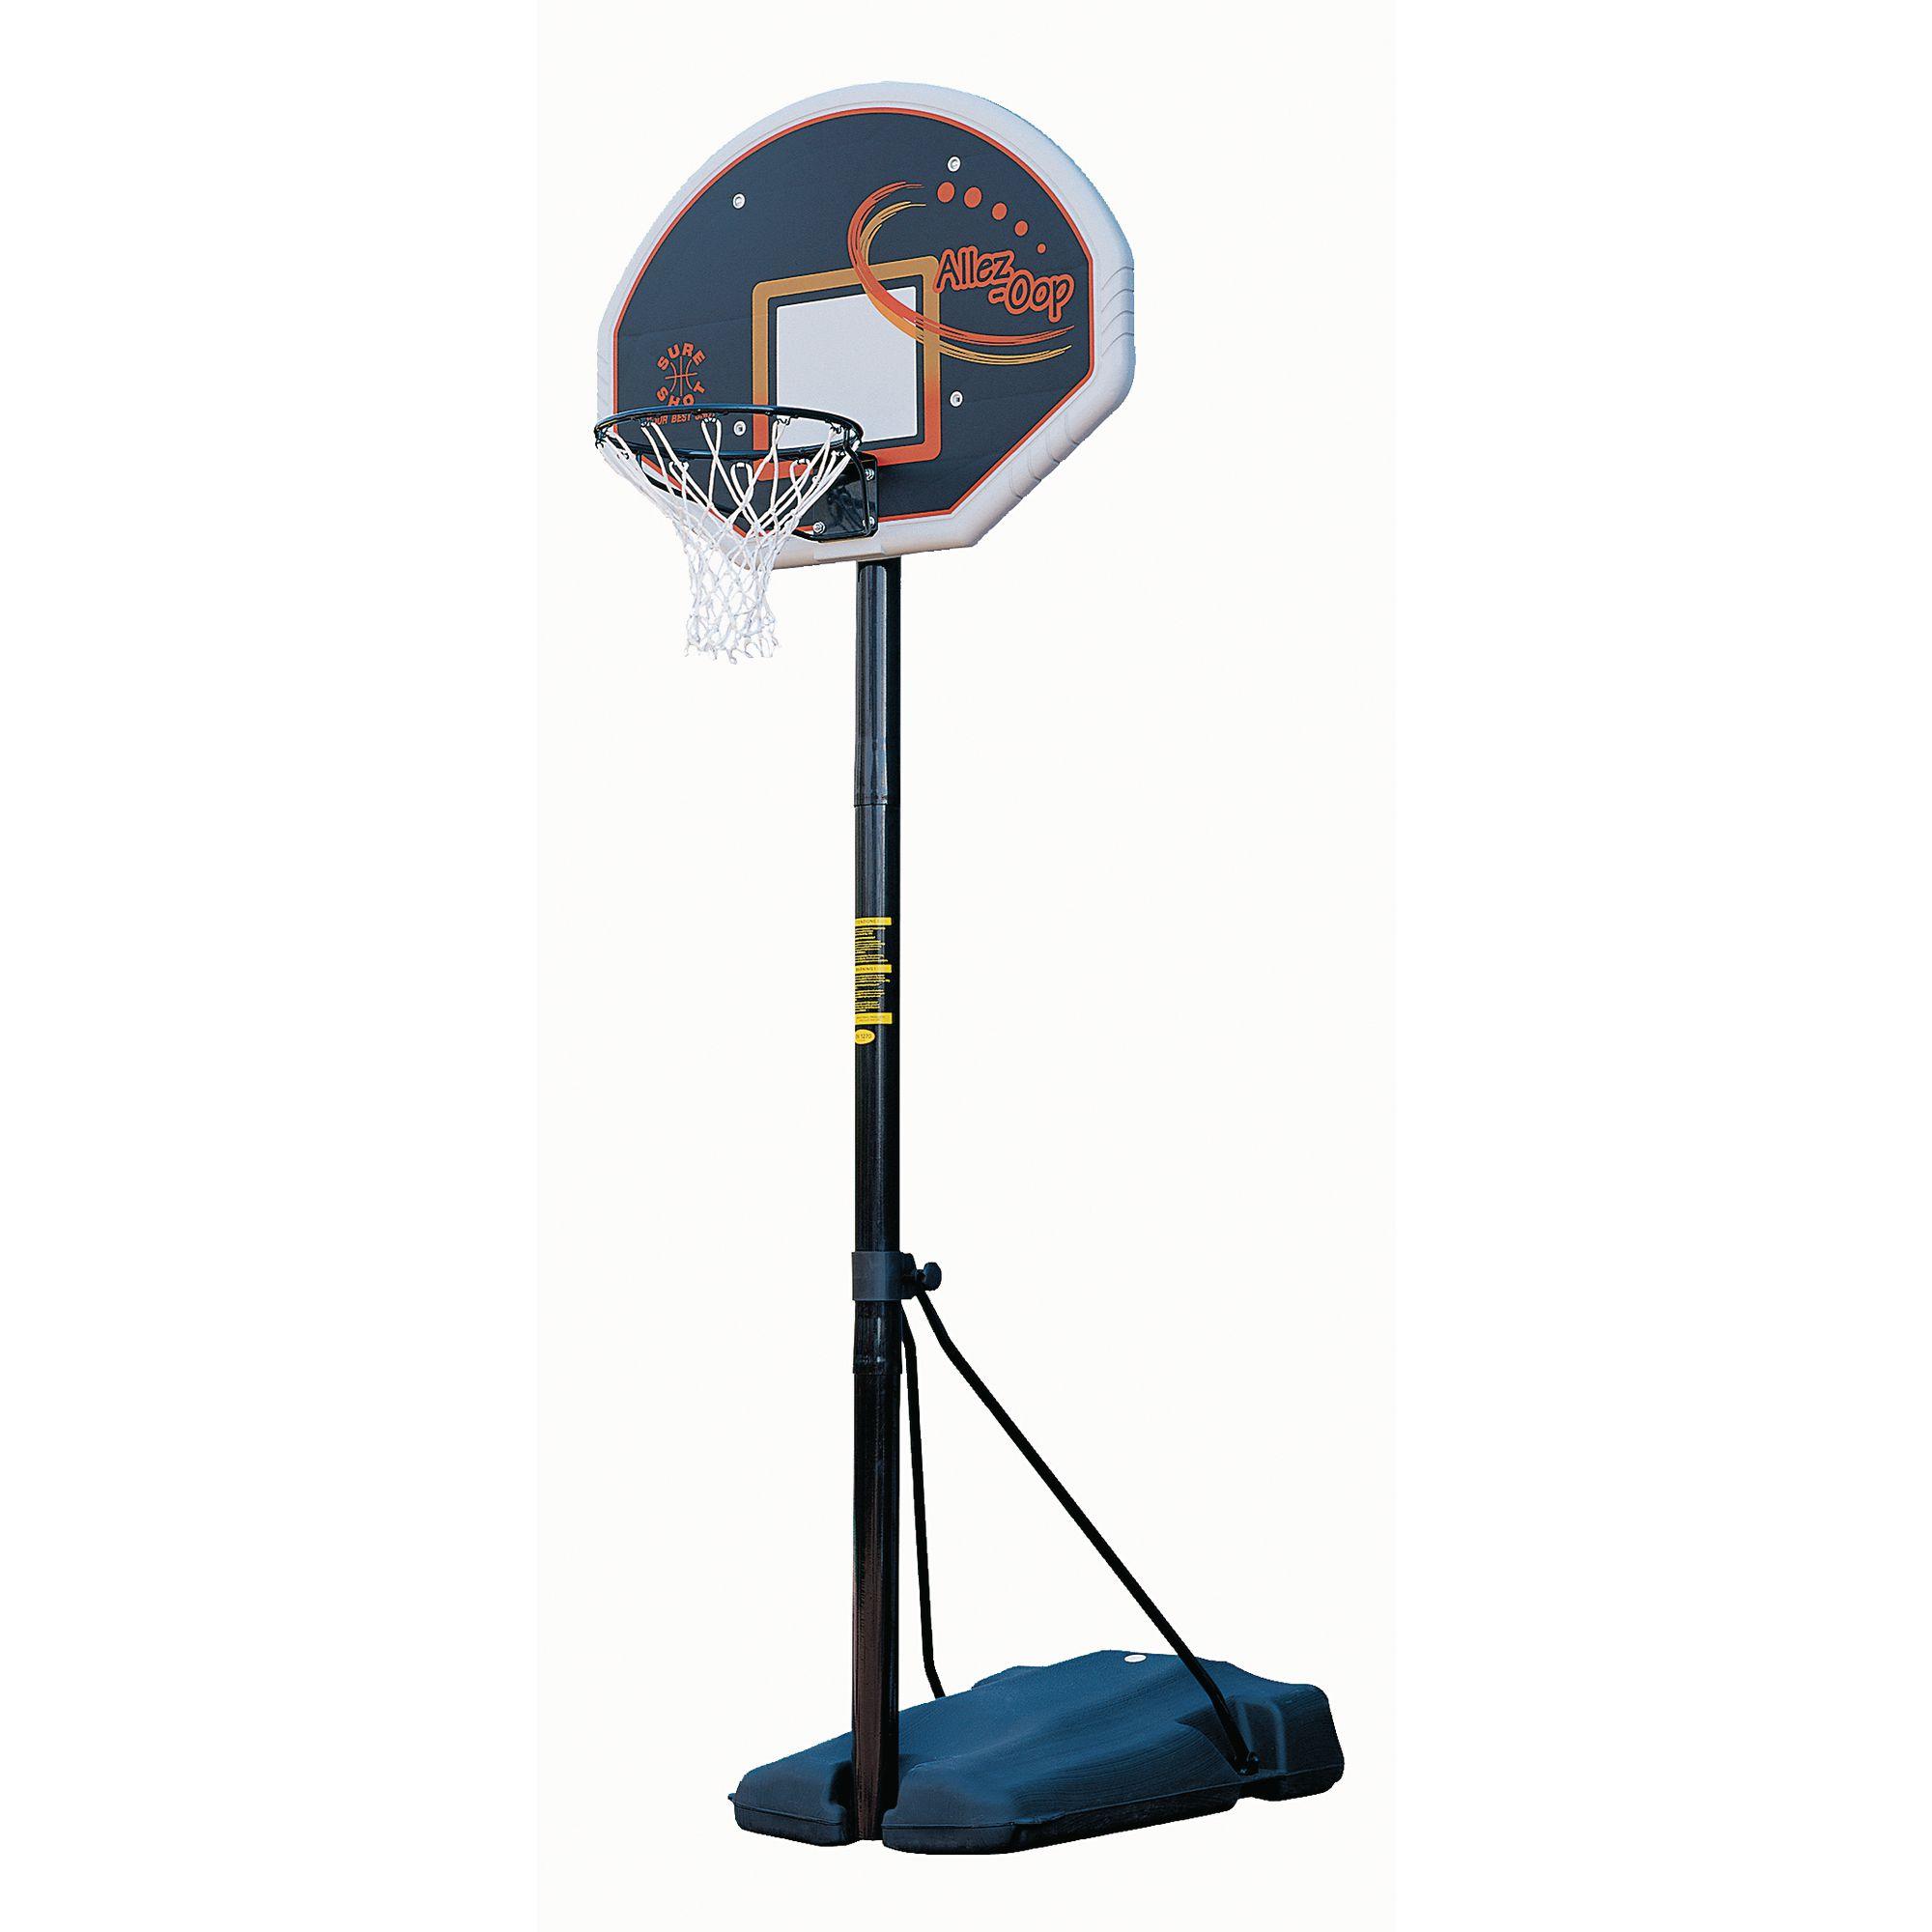 Portable Sports Fan : Heavy duty portable basketball unit with fan board